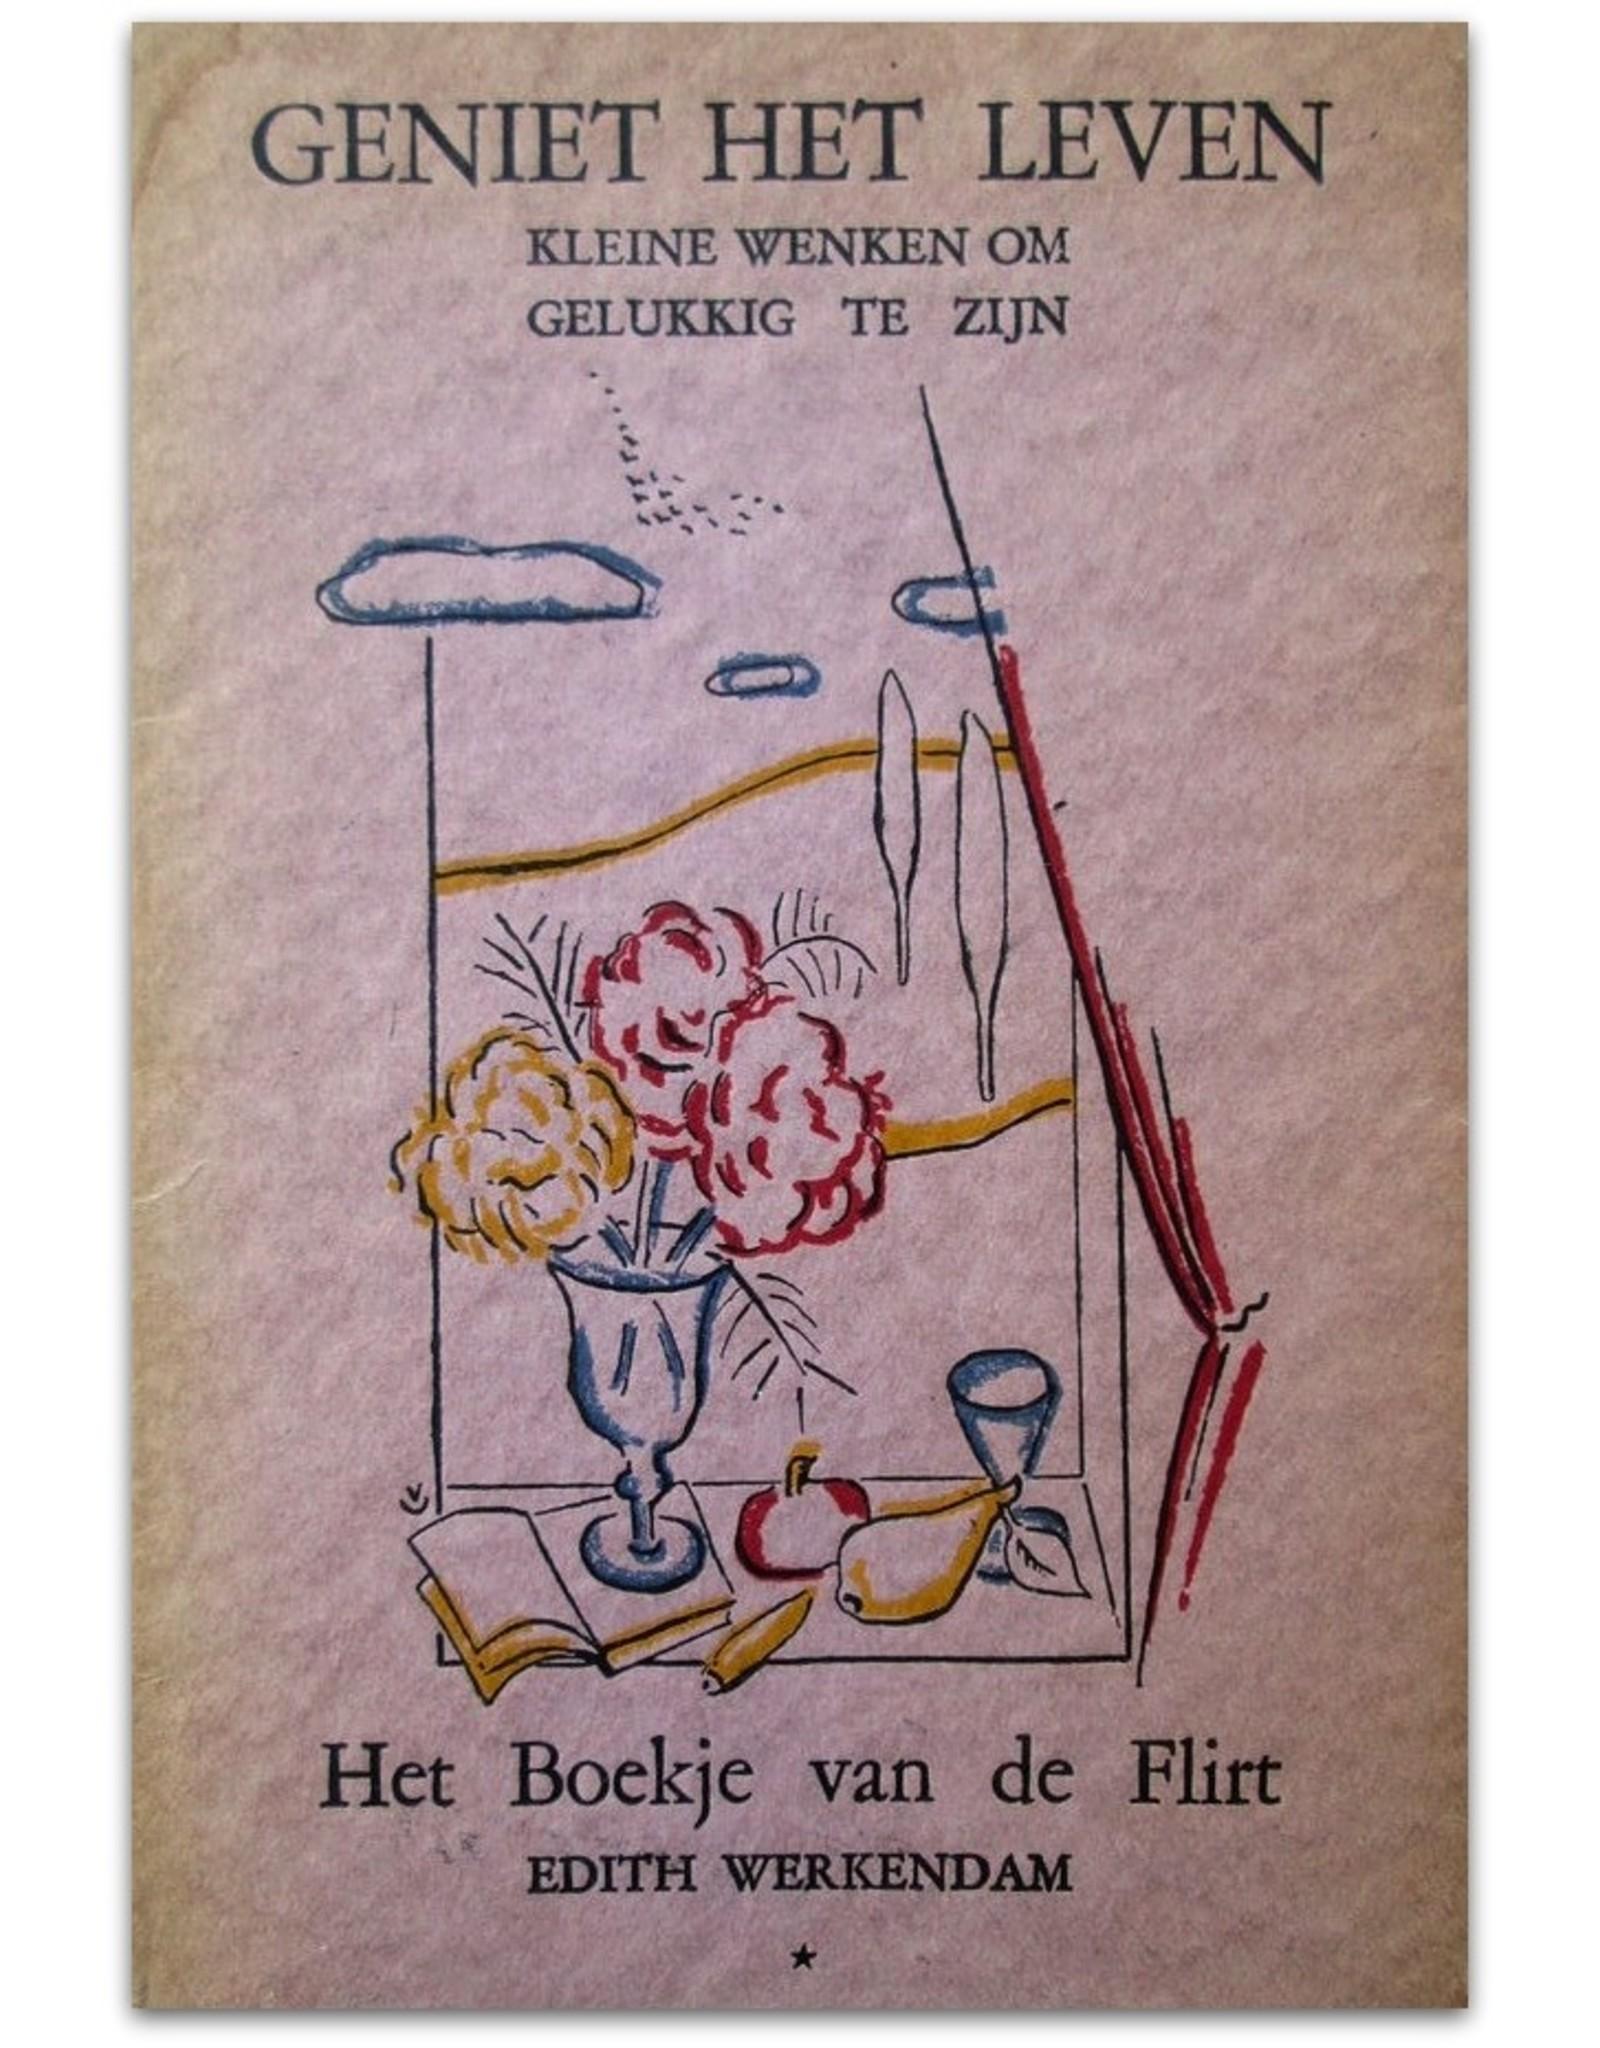 Edith Werkendam - Het Boekje van de Flirt